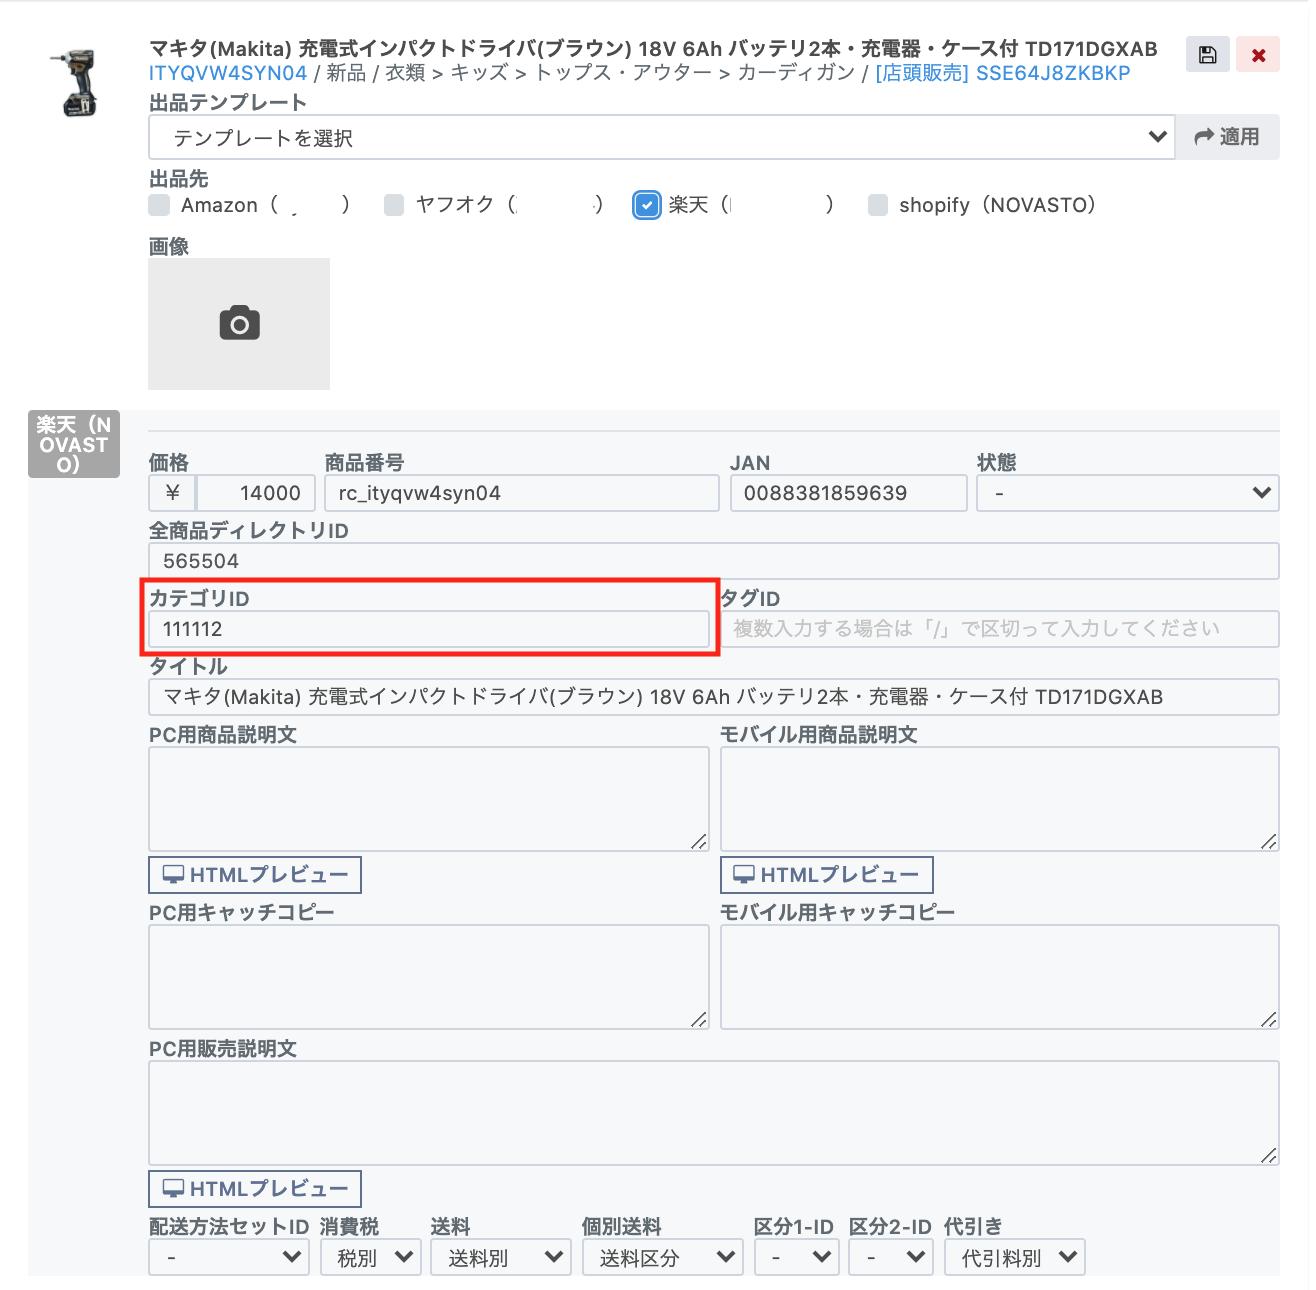 楽天EC出品画面_カテゴリID.png (219.1 kB)